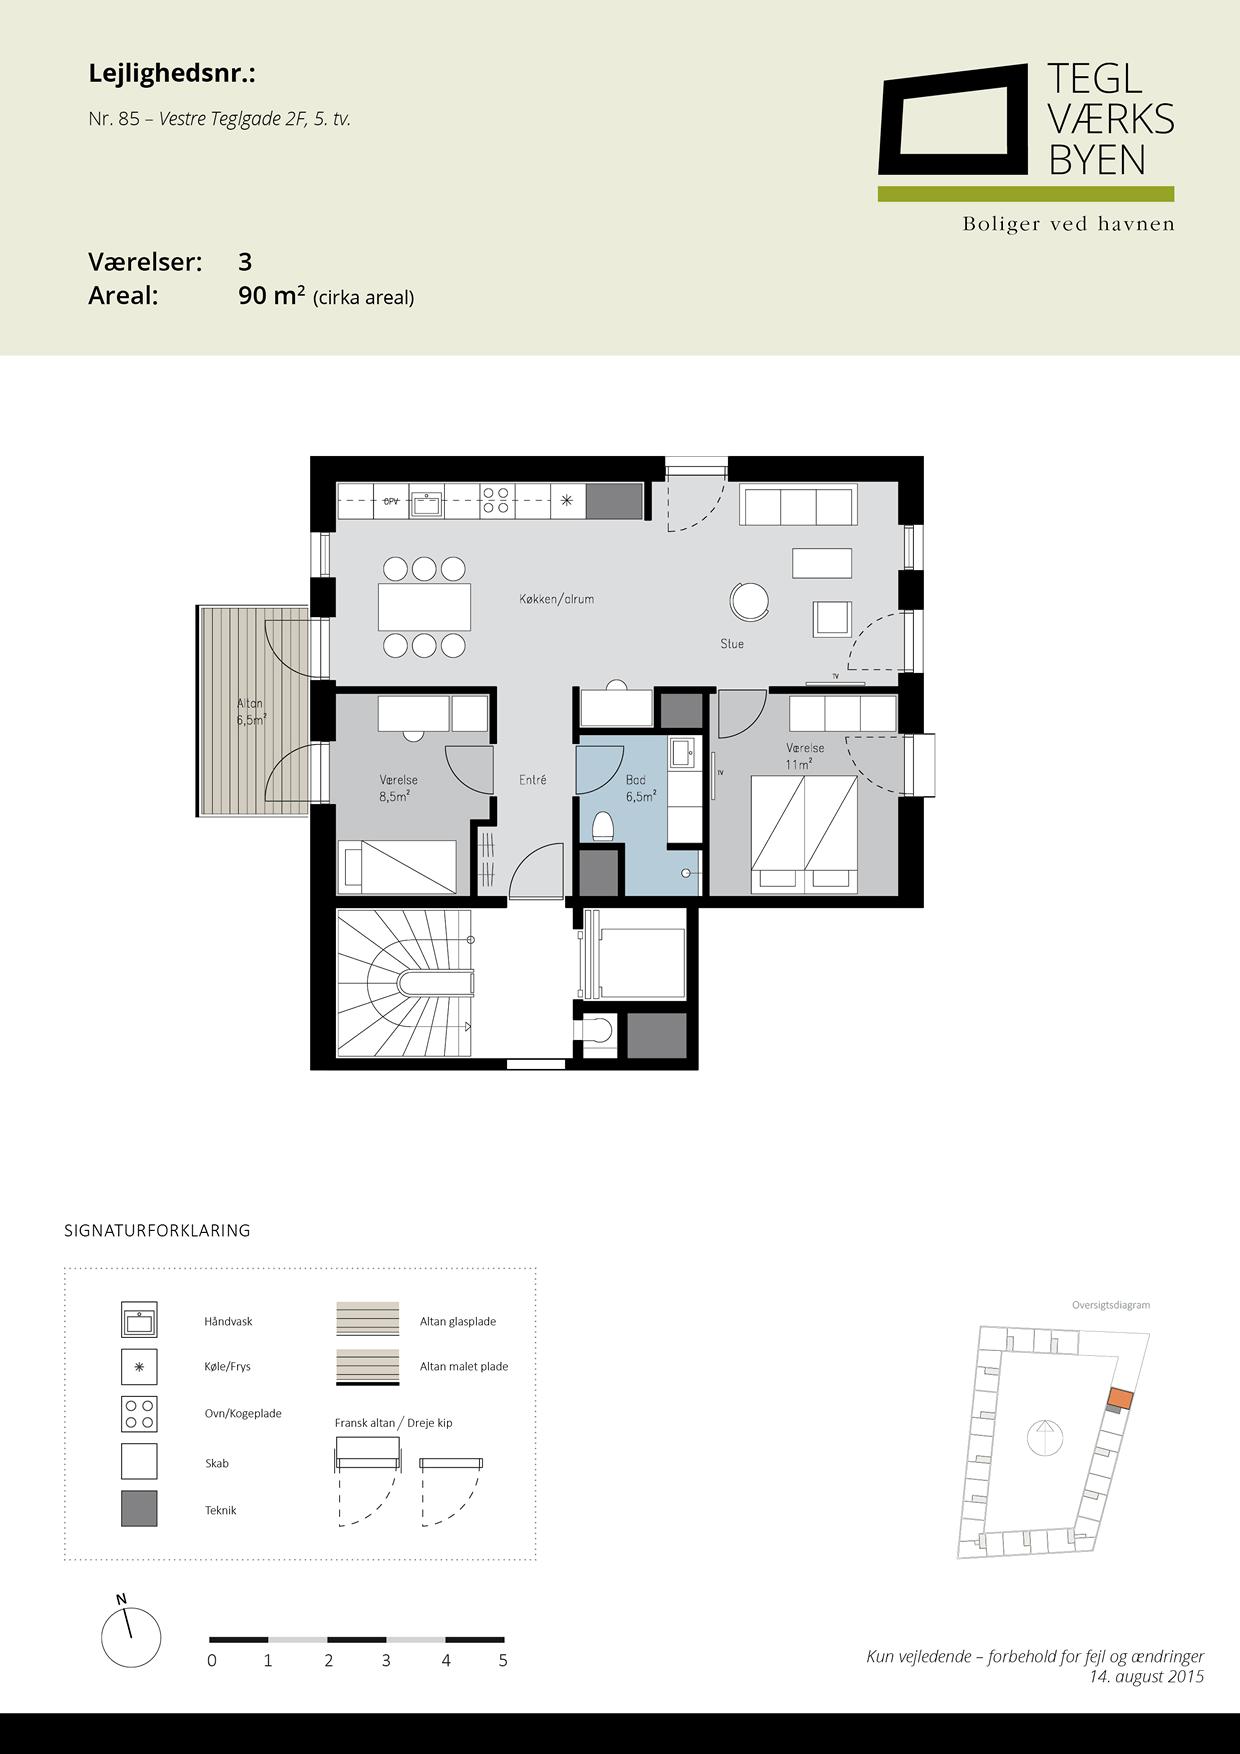 Teglvaerksbyen_85_plan